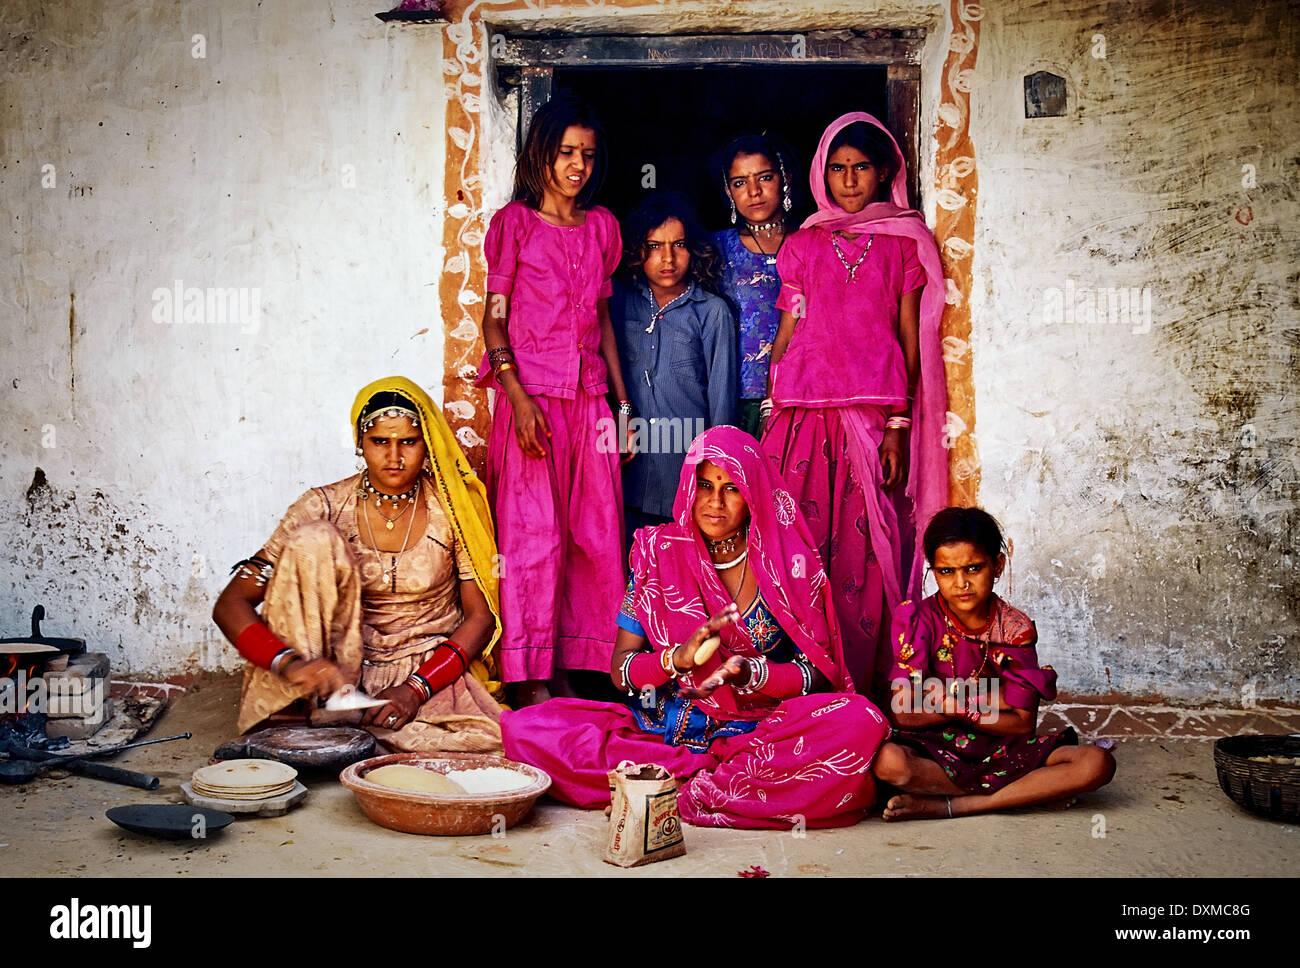 Indian Village familia en una puerta en un pueblo cerca de Jodhpur, India. Imagen manipulada digitalmente. Imagen De Stock